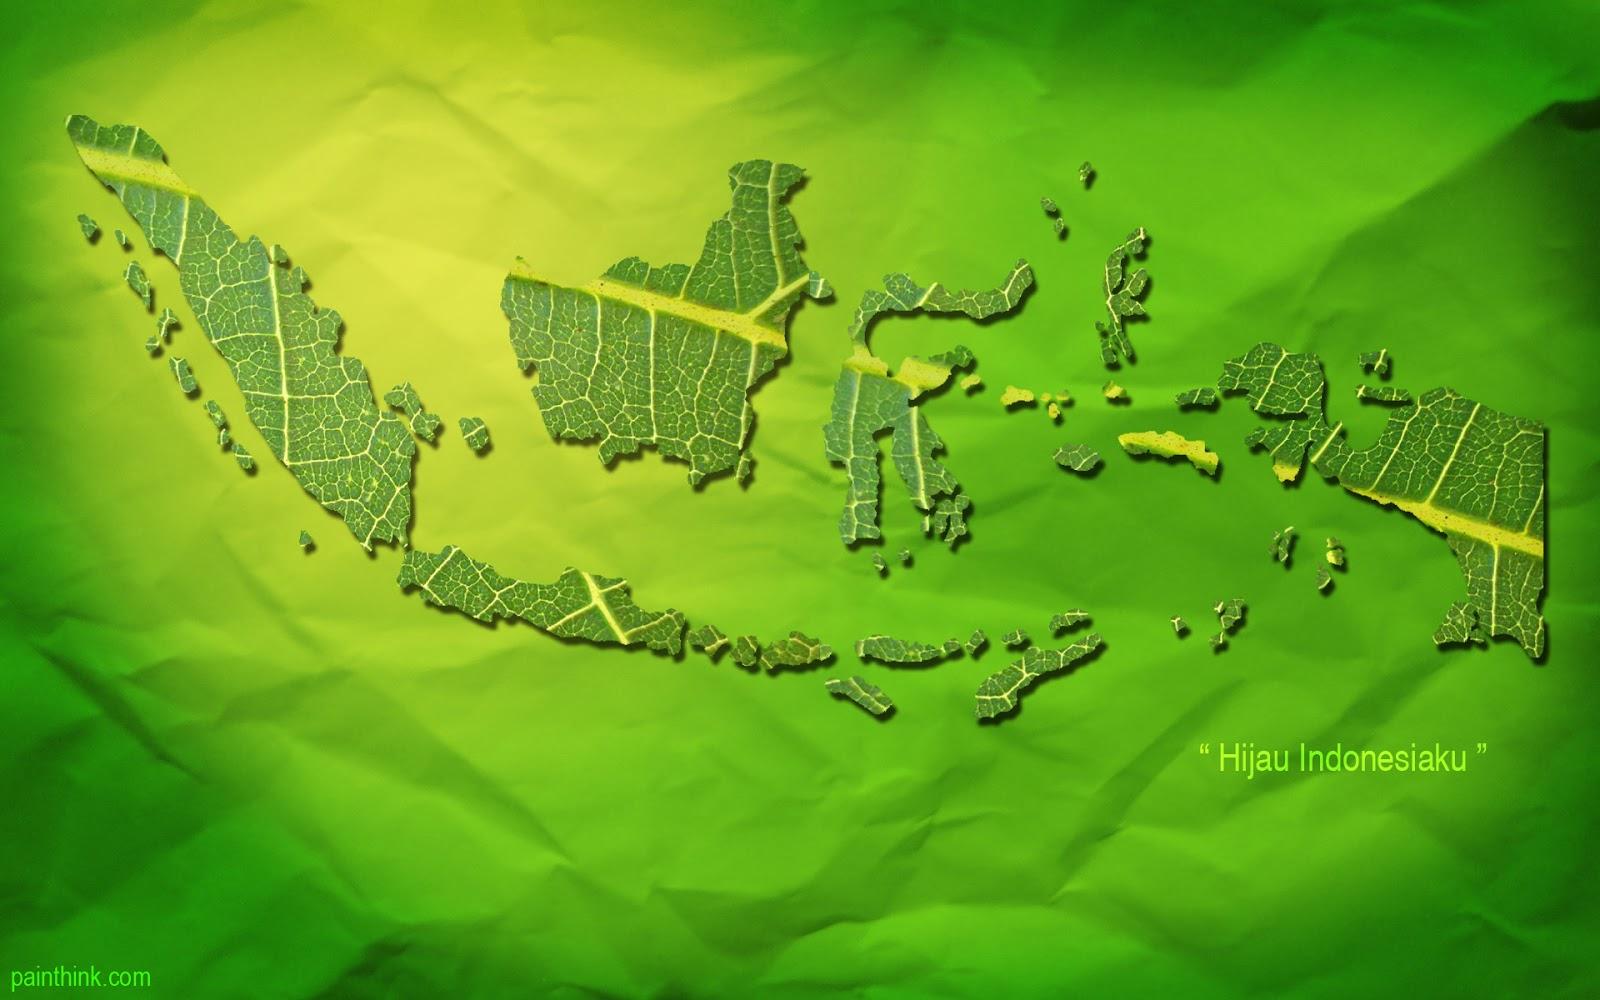 indonesia wallpaper - kreativitas membangun teknologi masa depan